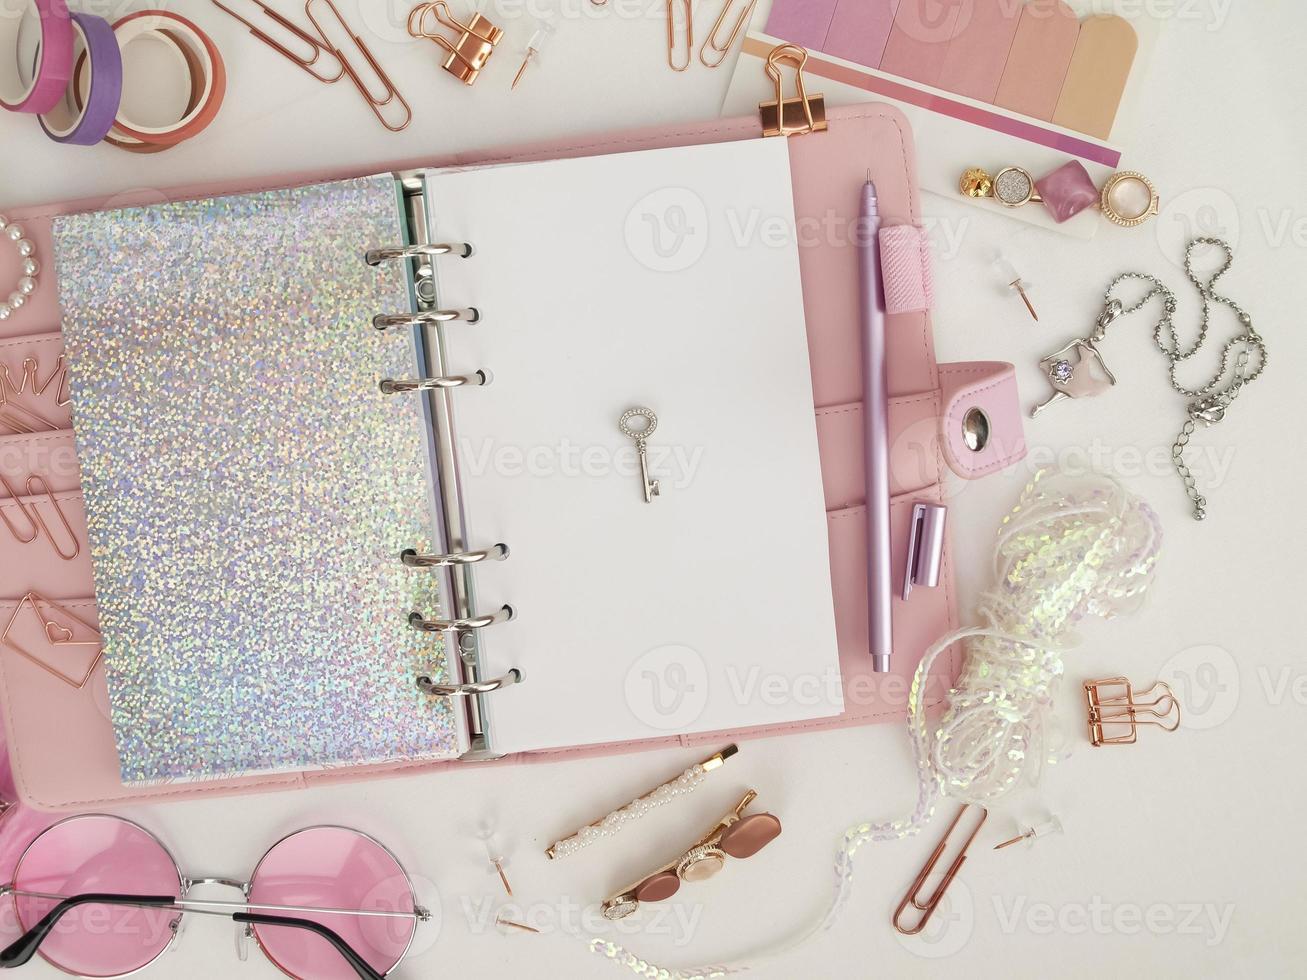 silvernyckel på planerarens vita sida. rosa glamourplanerare dekorationsfoto foto